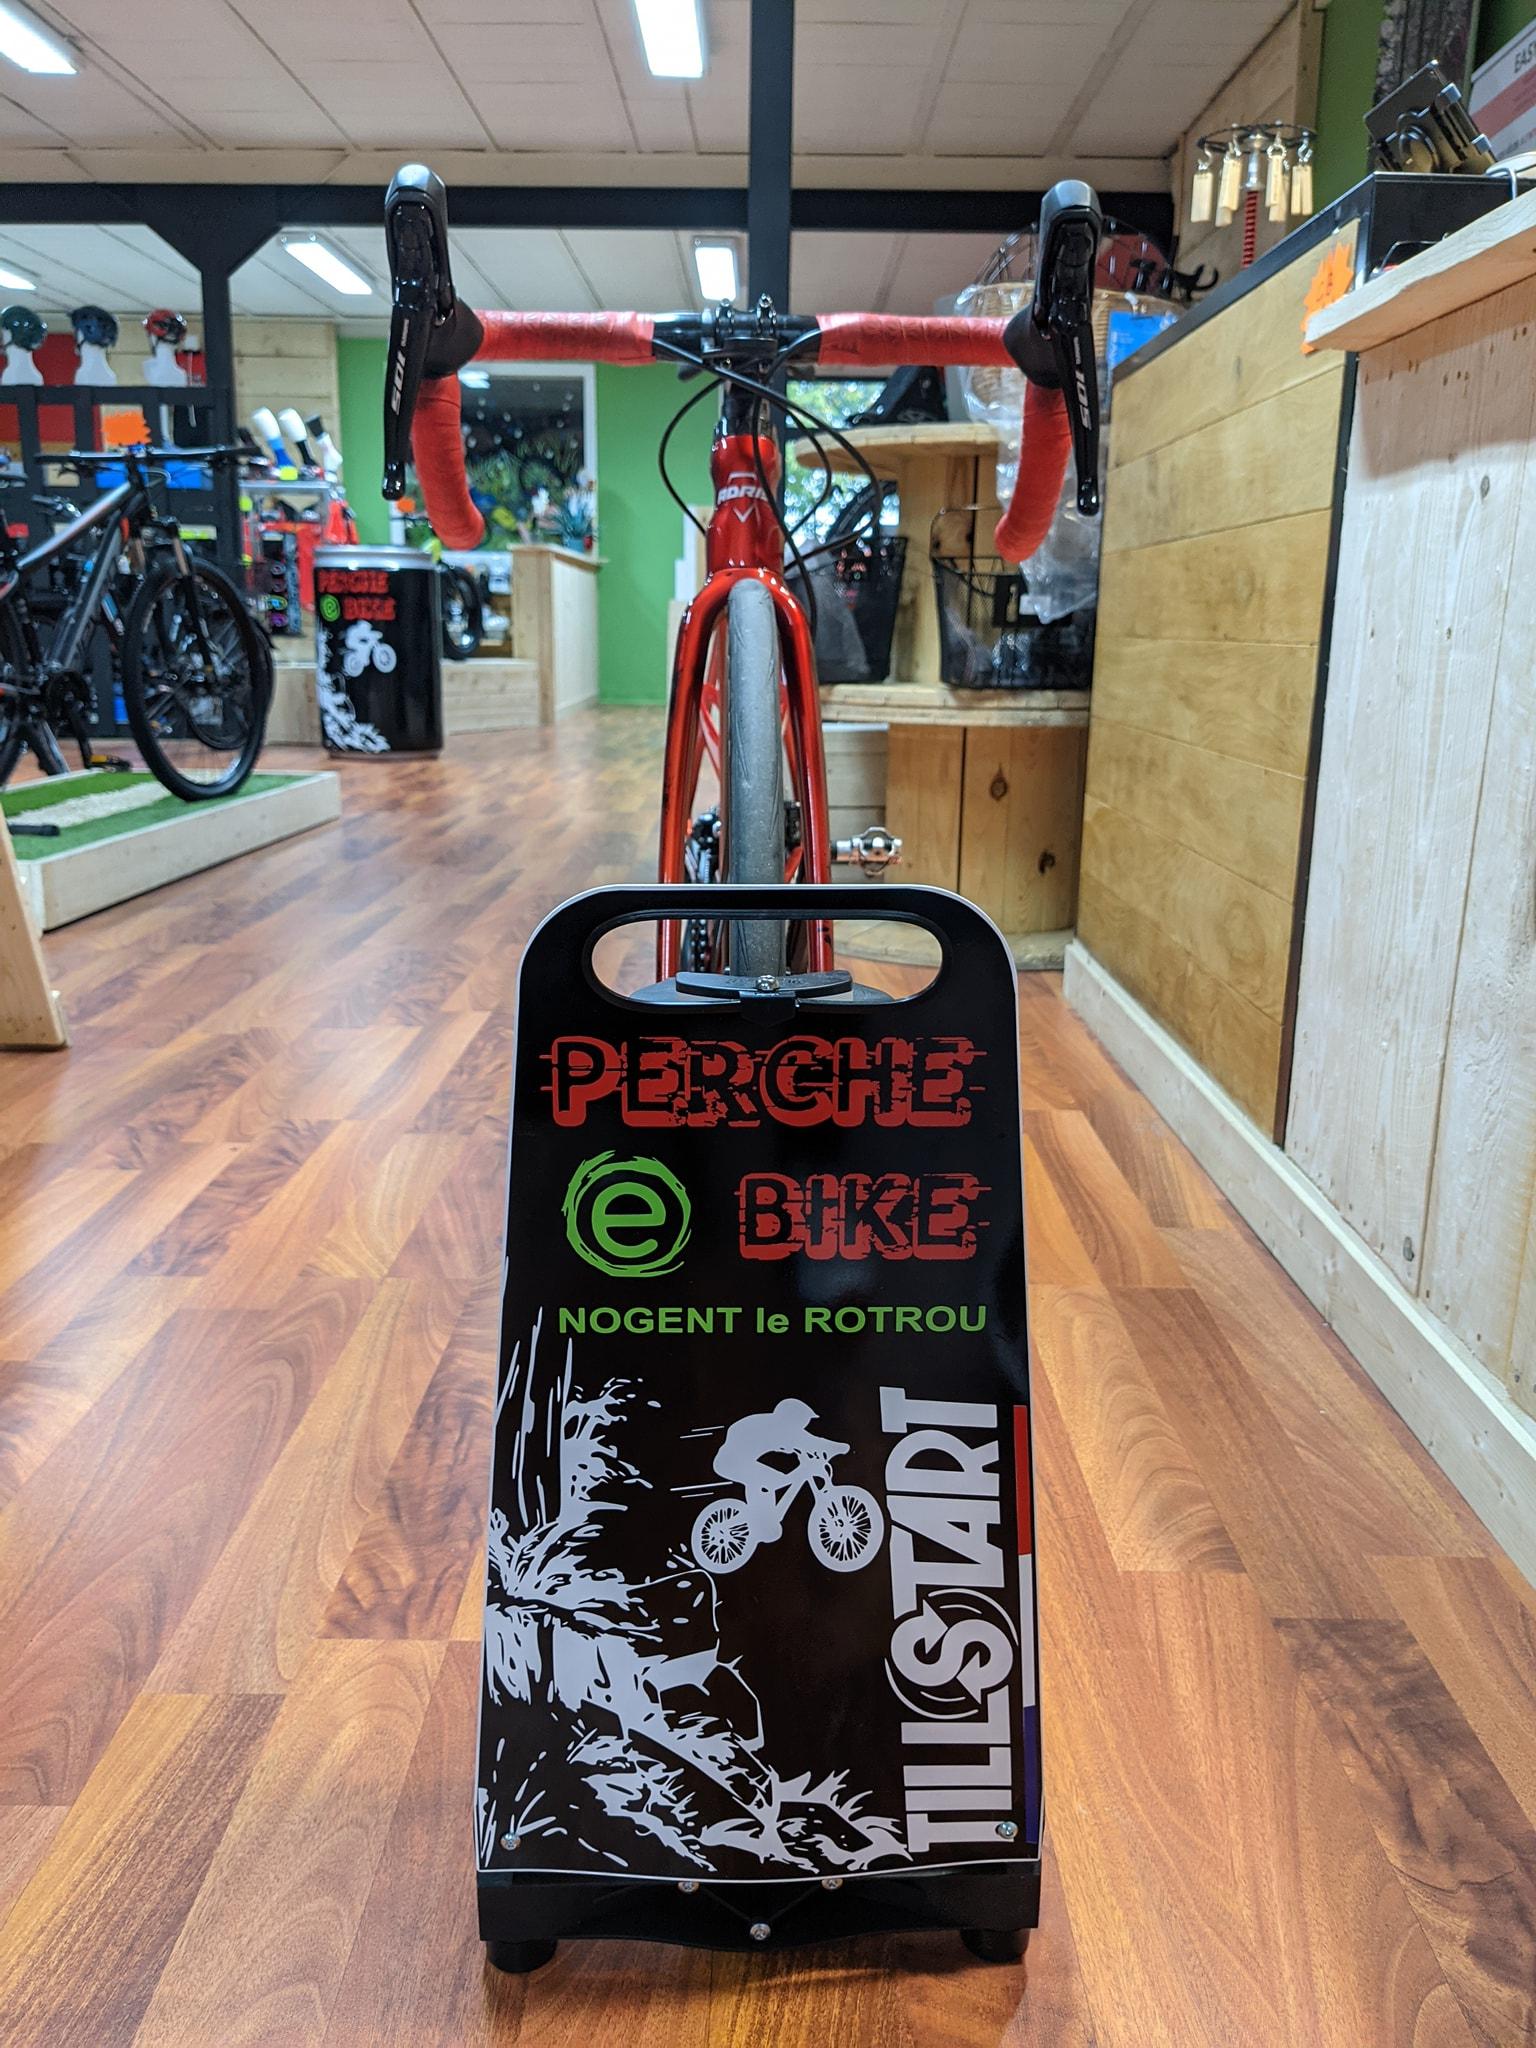 Perche Bike - Perche Bike